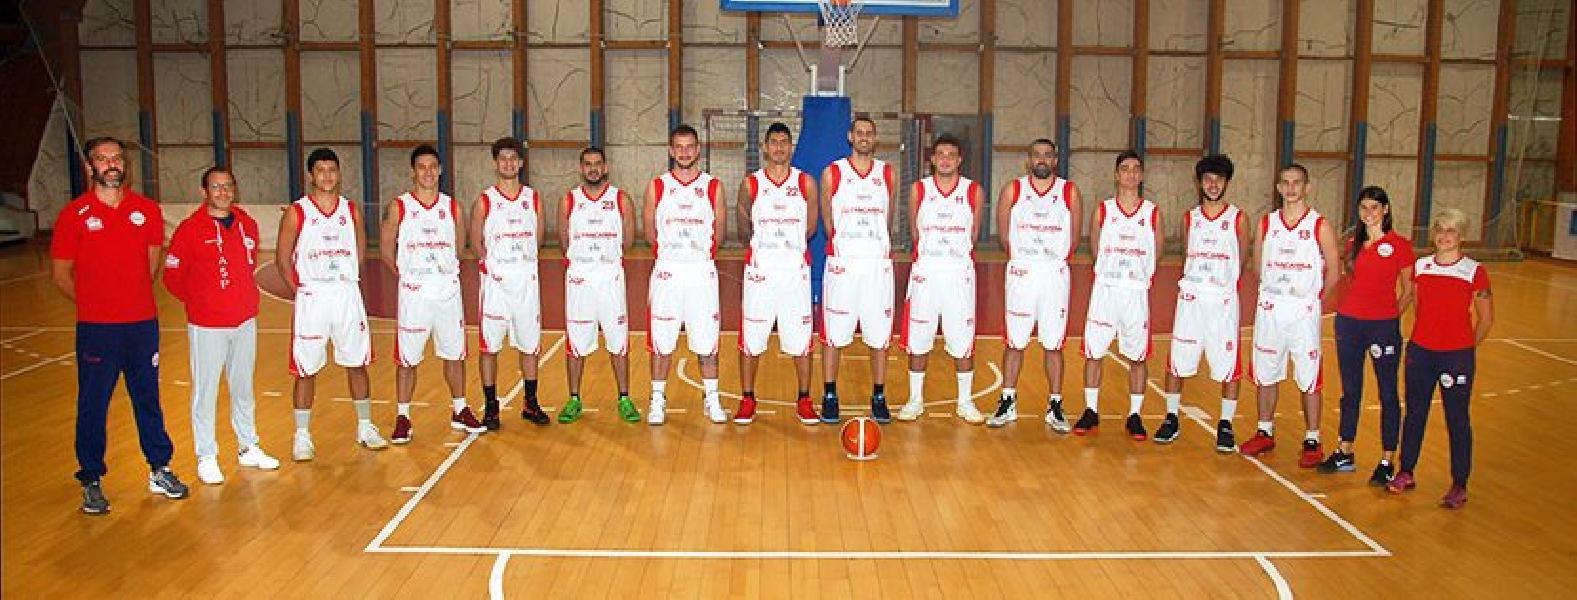 https://www.basketmarche.it/immagini_articoli/04-02-2019/teramo-spicchi-coach-stirpe-porto-giorgio-bella-vittoria-contento-nostro-approccio-600.jpg